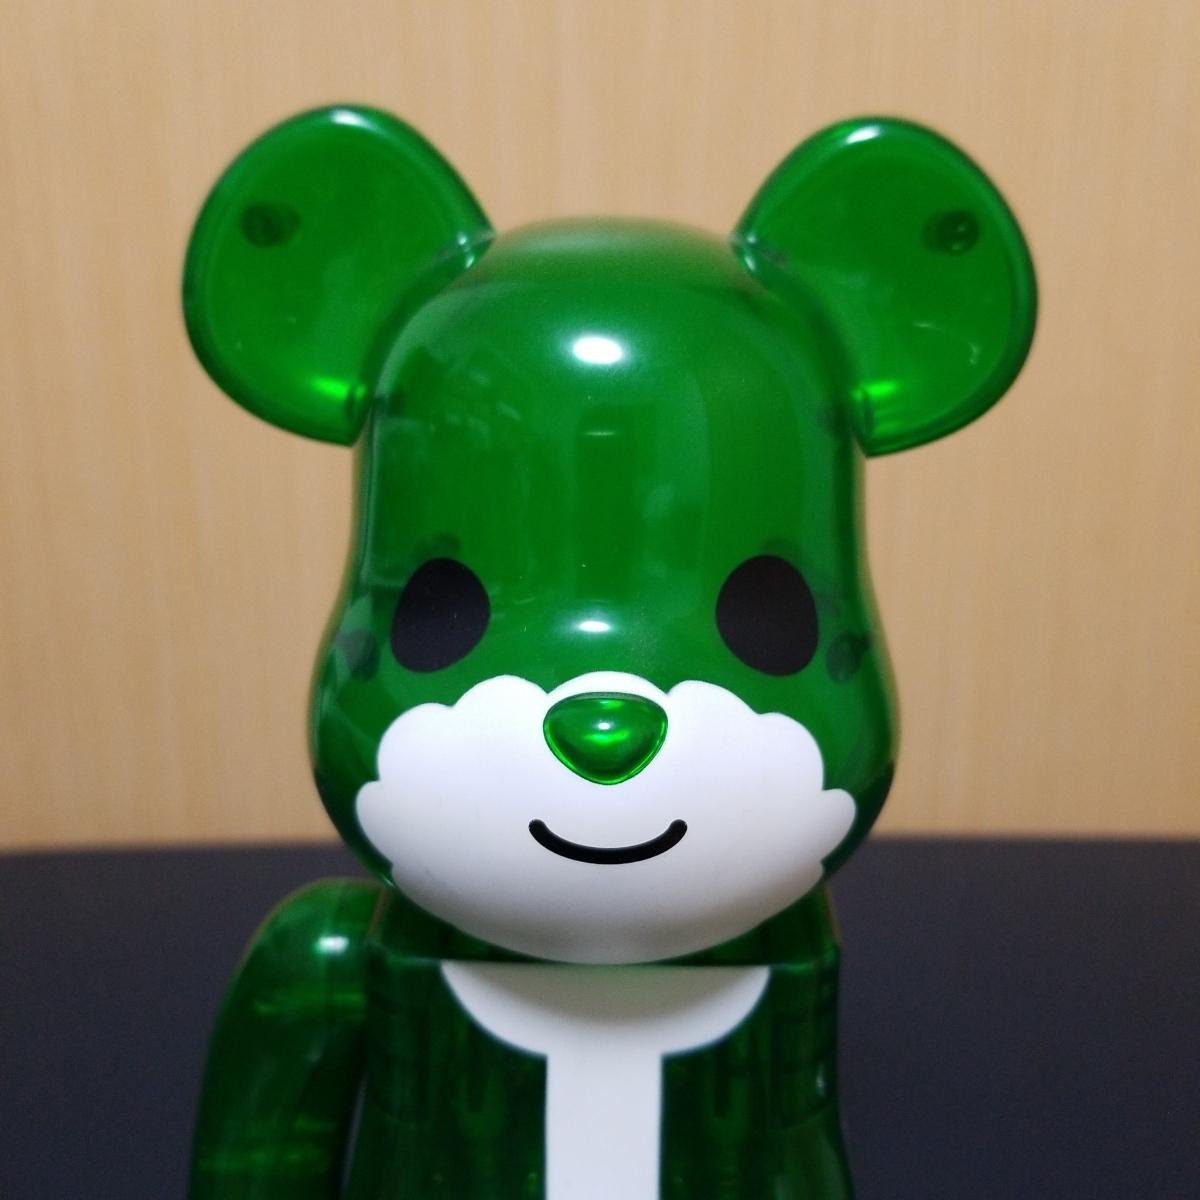 難有り BE@RBRICK GREEN SANTA 400% ベアブリック Merry Green Christmas charity campaign グリーン サンタ メディコムトイ_画像2